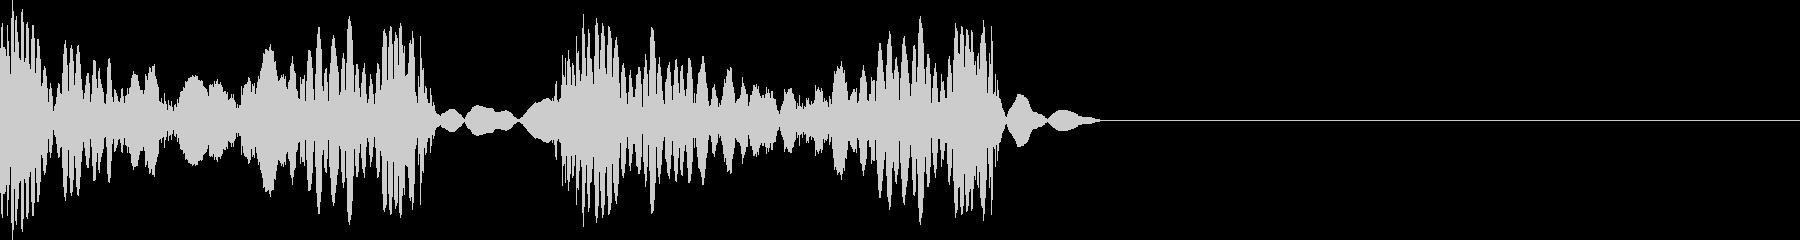 スクラッチ 音の未再生の波形